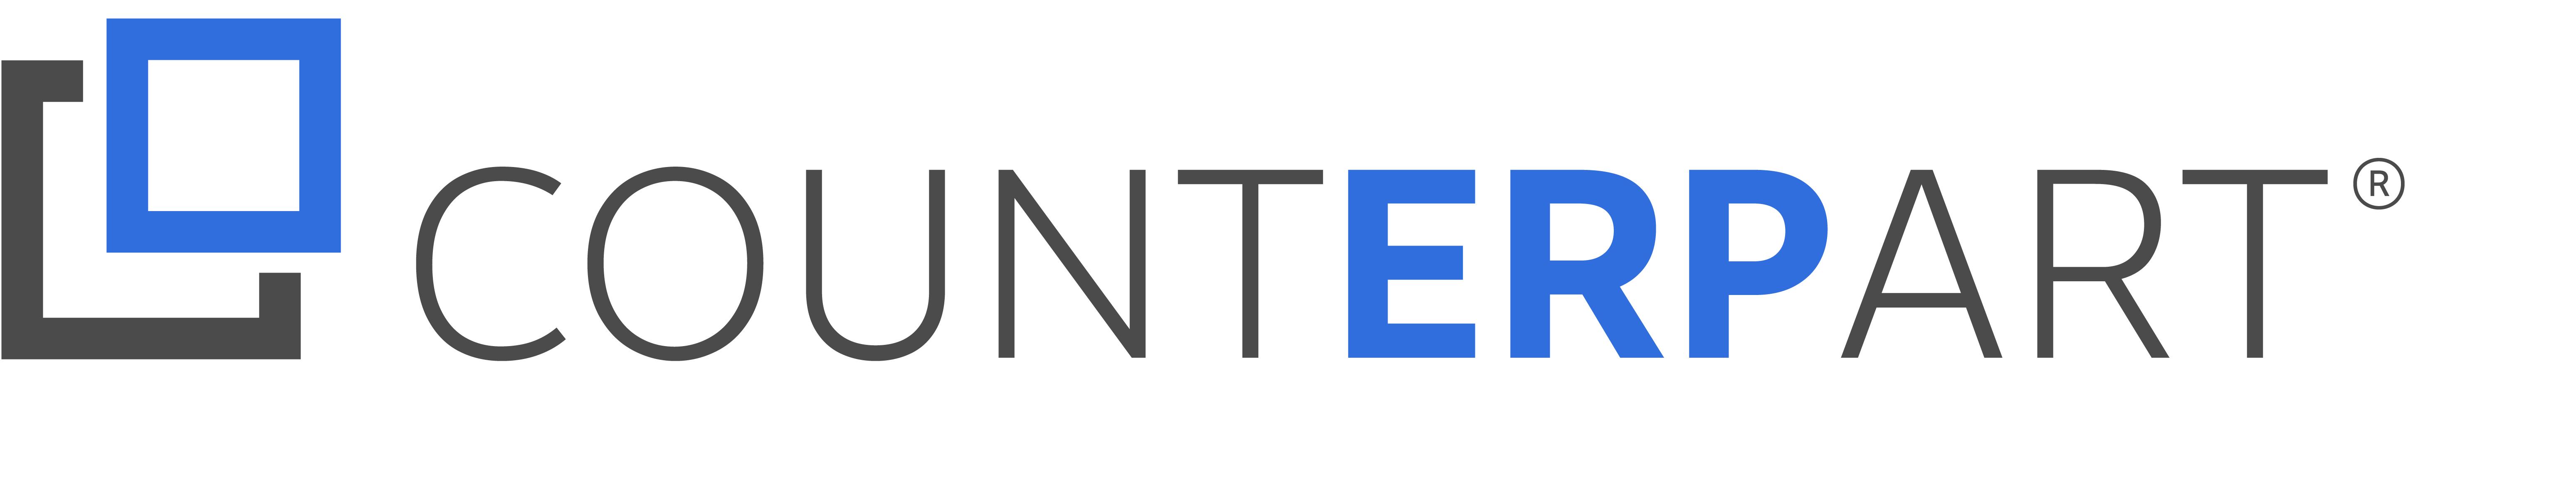 COUNTERPART ETO ERP US Sales Manager Joel Genzink Brings Engineering Expertise